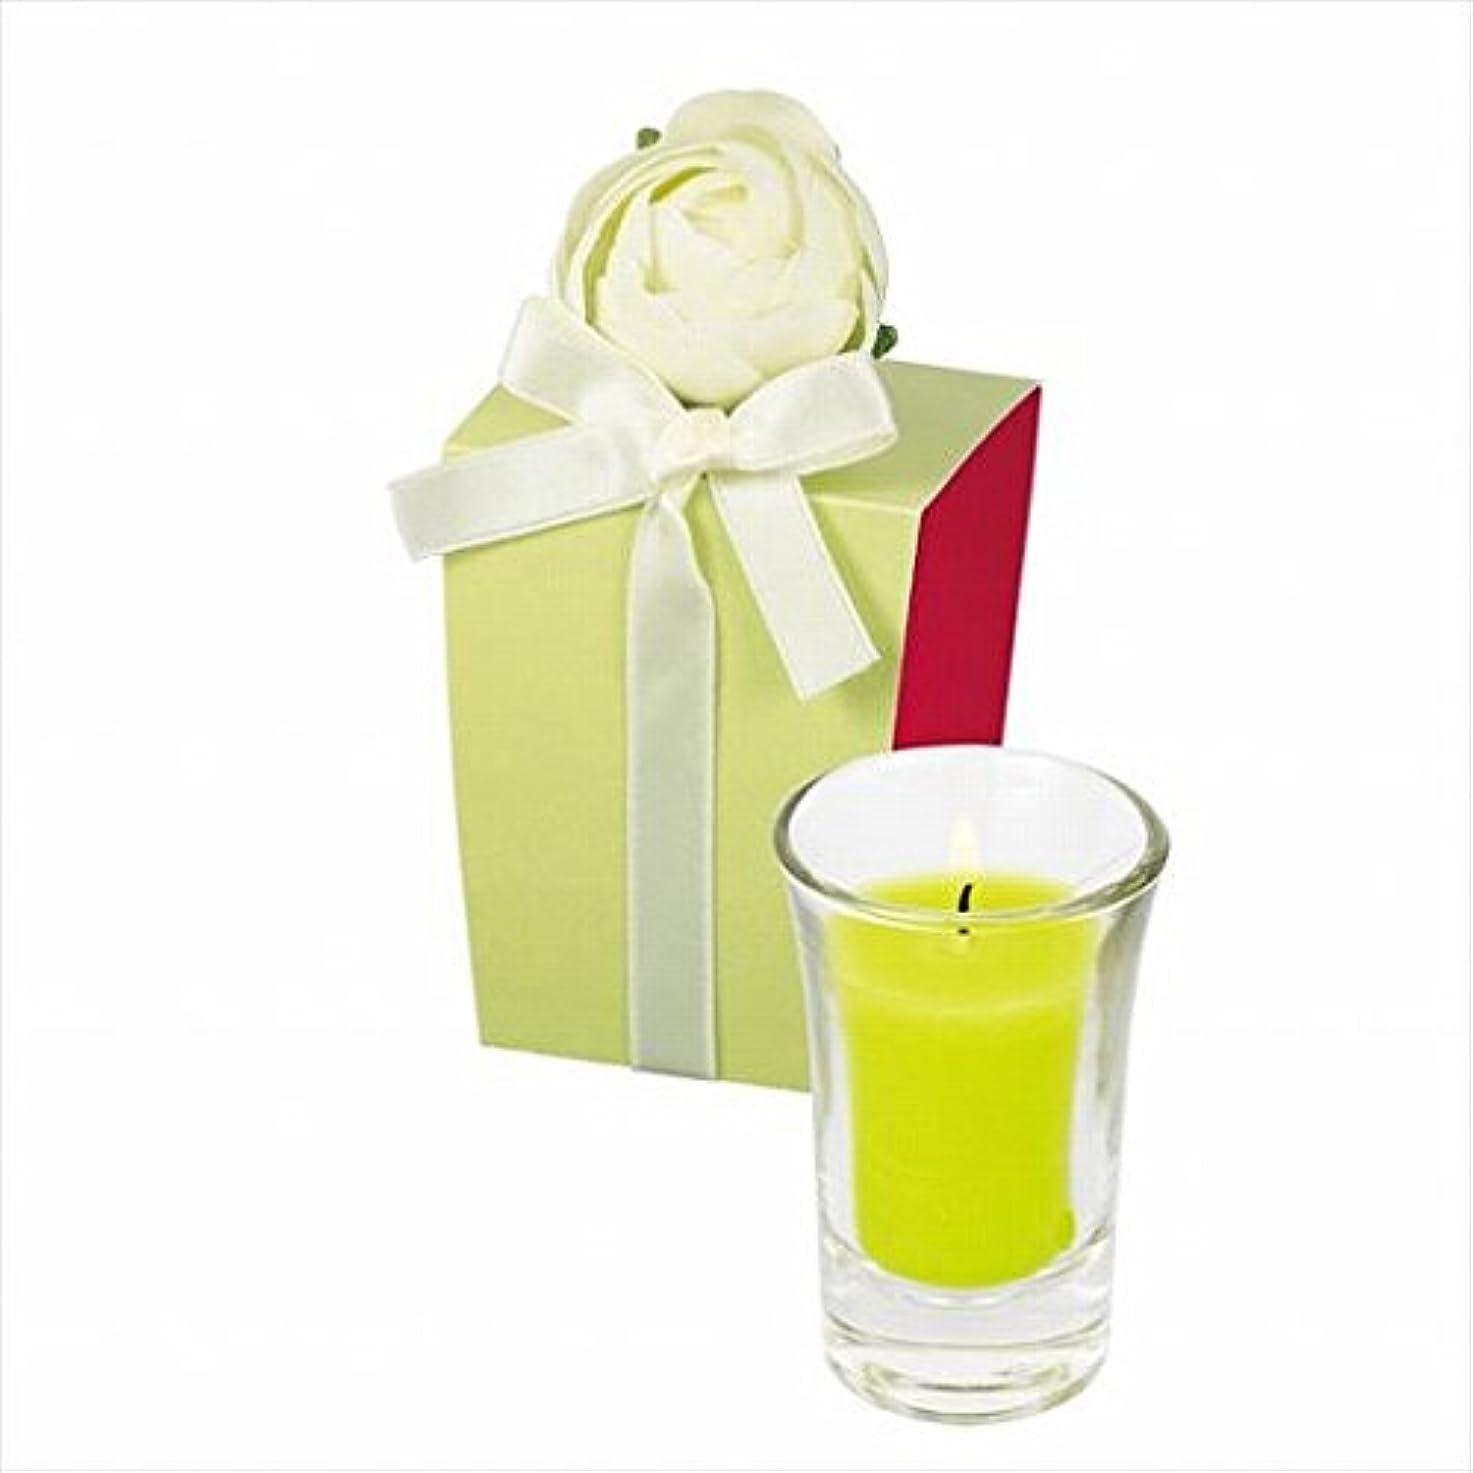 上げるピービッシュジョージバーナードカメヤマキャンドル(kameyama candle) ラナンキュラスグラスキャンドル 「 ライトグリーン 」